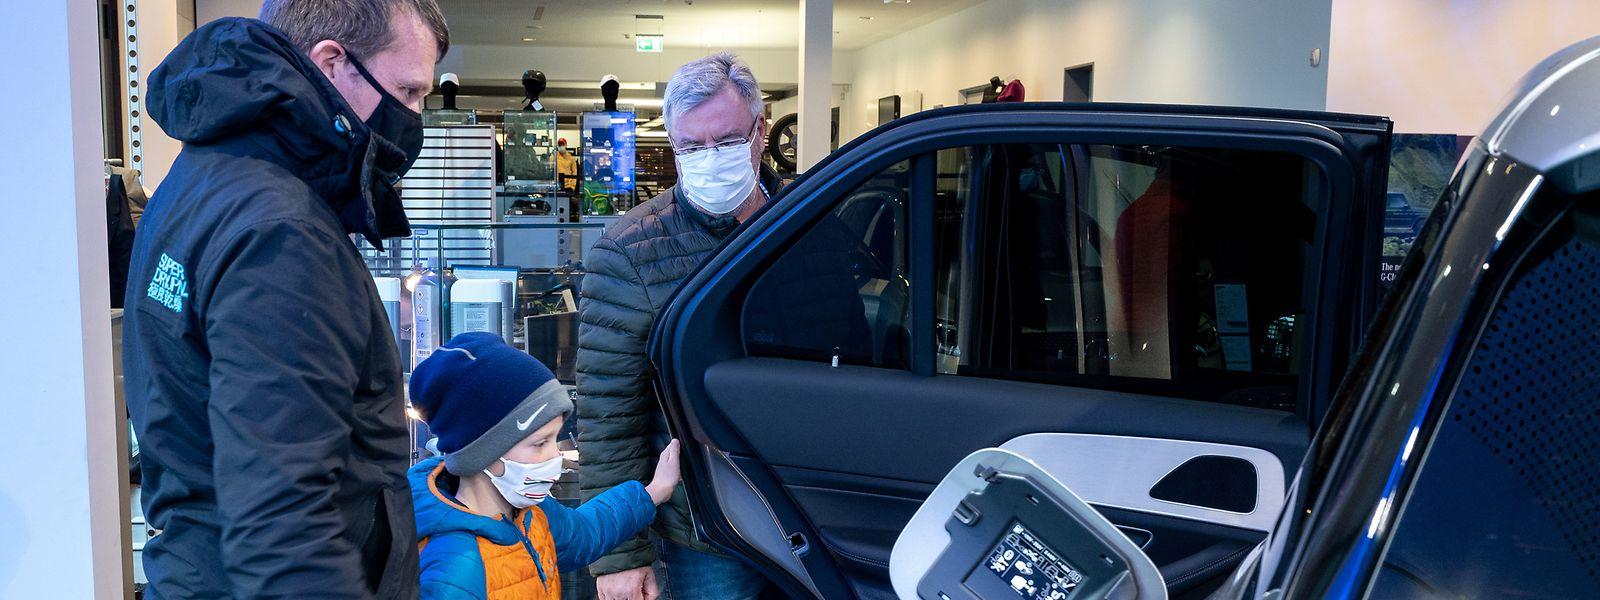 Si les voitures électriques et hybrides ont séduit de plus en plus d'acheteurs, la majorité a préféré acquérir un véhicule thermique, indique la Fedamo.